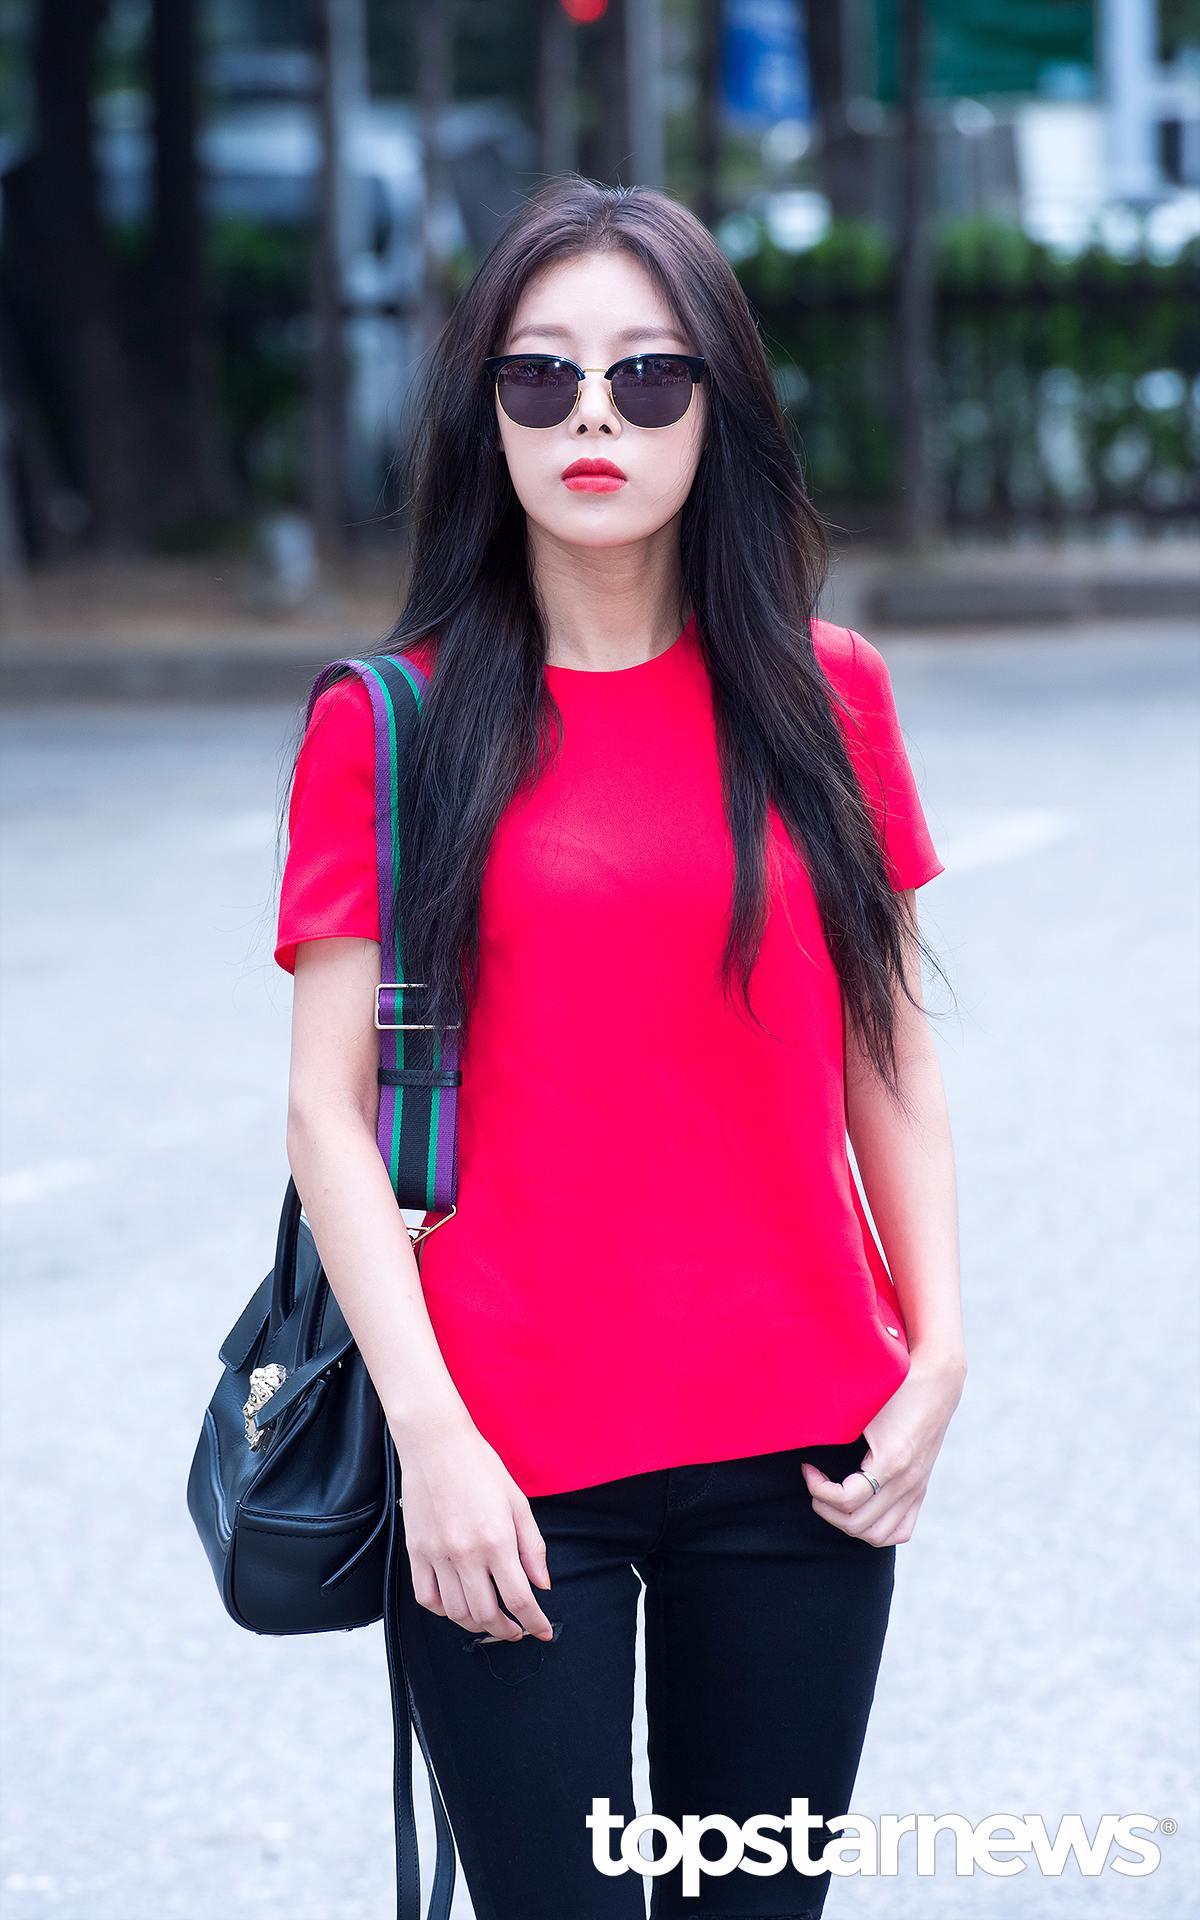 凸顯帥酷感的強烈紫紅色 婑斌從頭到腳都以黑色係為主,唯獨紫紅色的T恤衫十分搶眼,打造出帥氣爆棚的時尚范!下身的褲子稍稍撕裂,和紅唇妝一起為整體造型增加亮點。這身時尚穿搭更加凸顯了婑斌獨有的帥酷魅力!